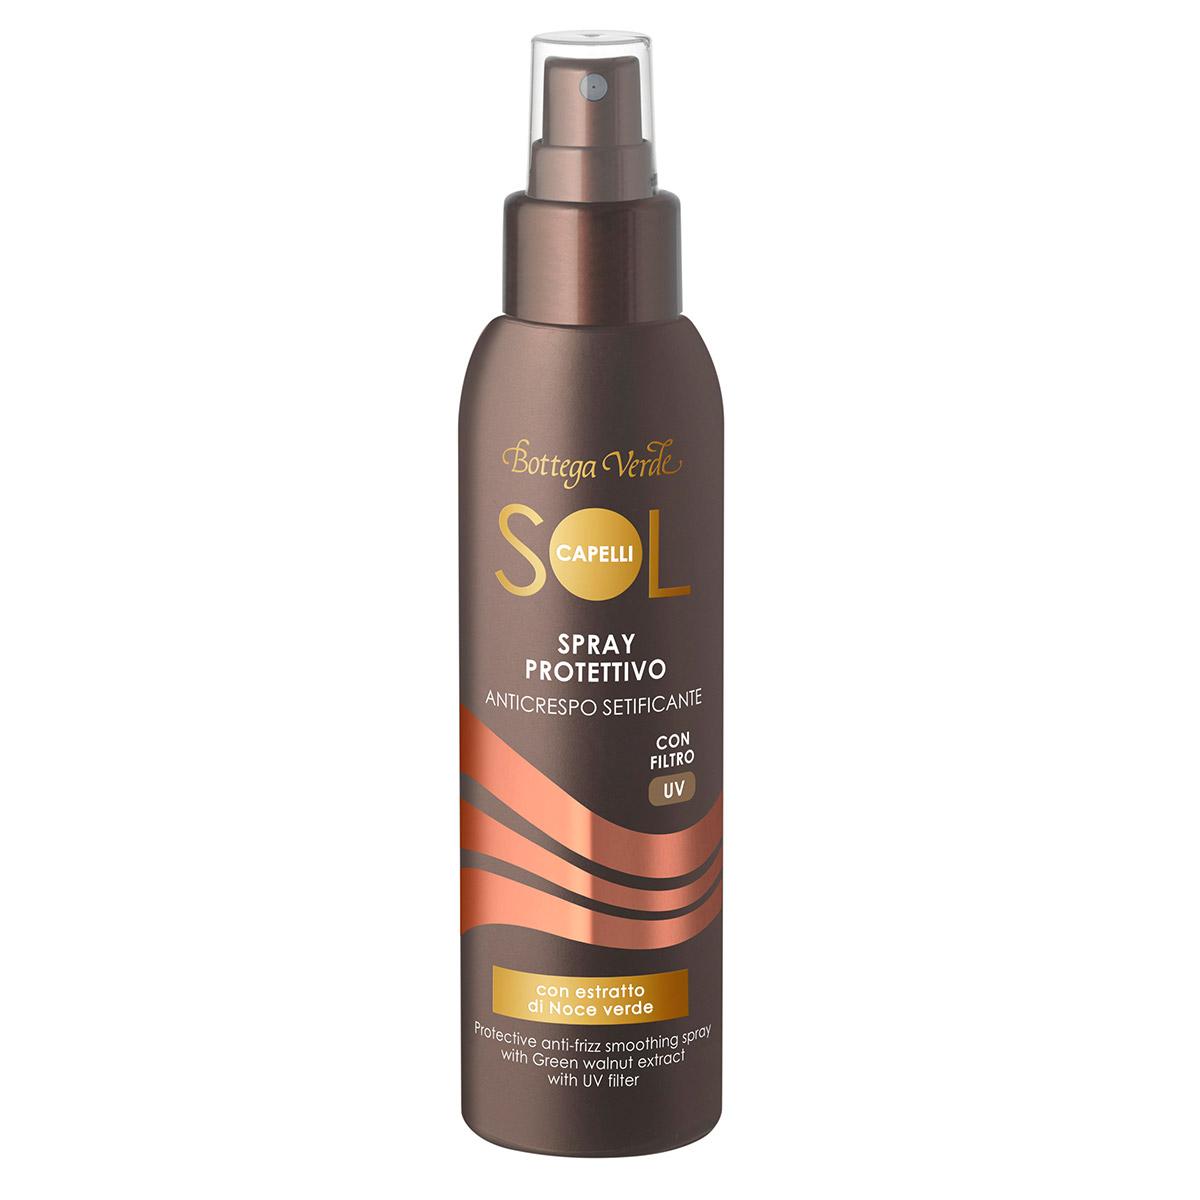 Spray protector pentru par, cu proteine de grau si filtru UV